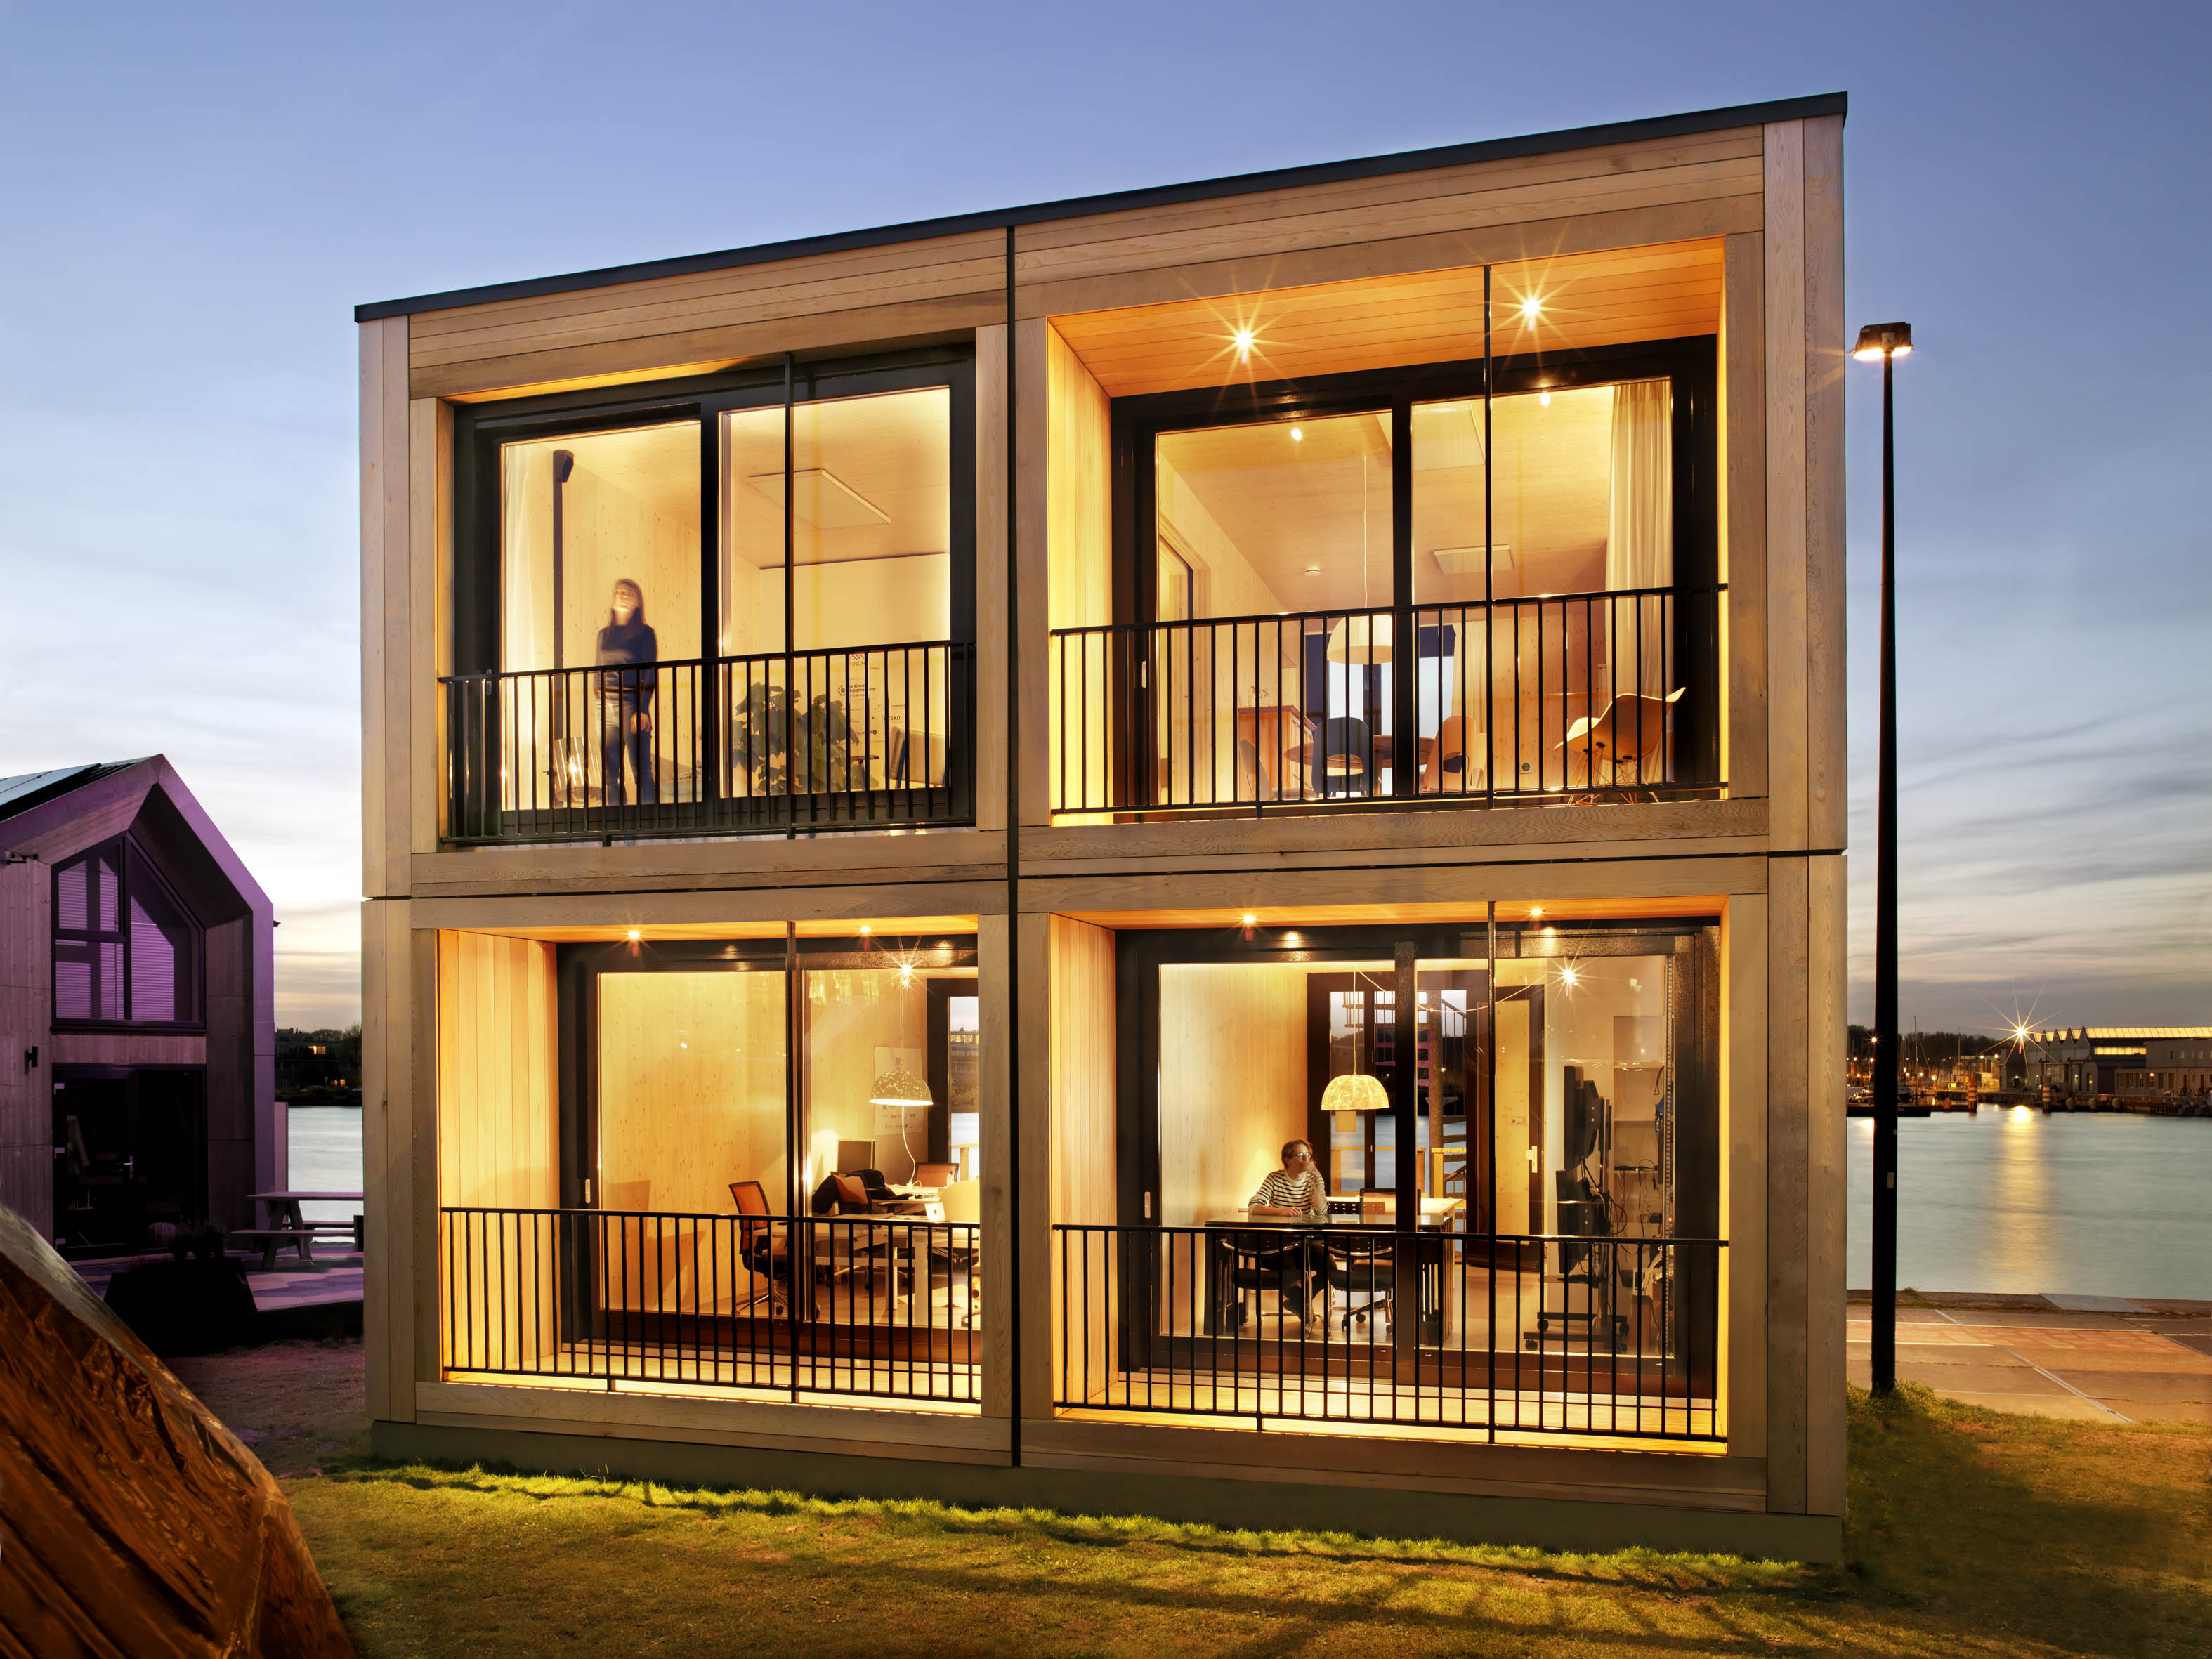 De stapelbare houten woonmodules zijn 29 vierkante meter groot en kosten 40.000 euro per stuk